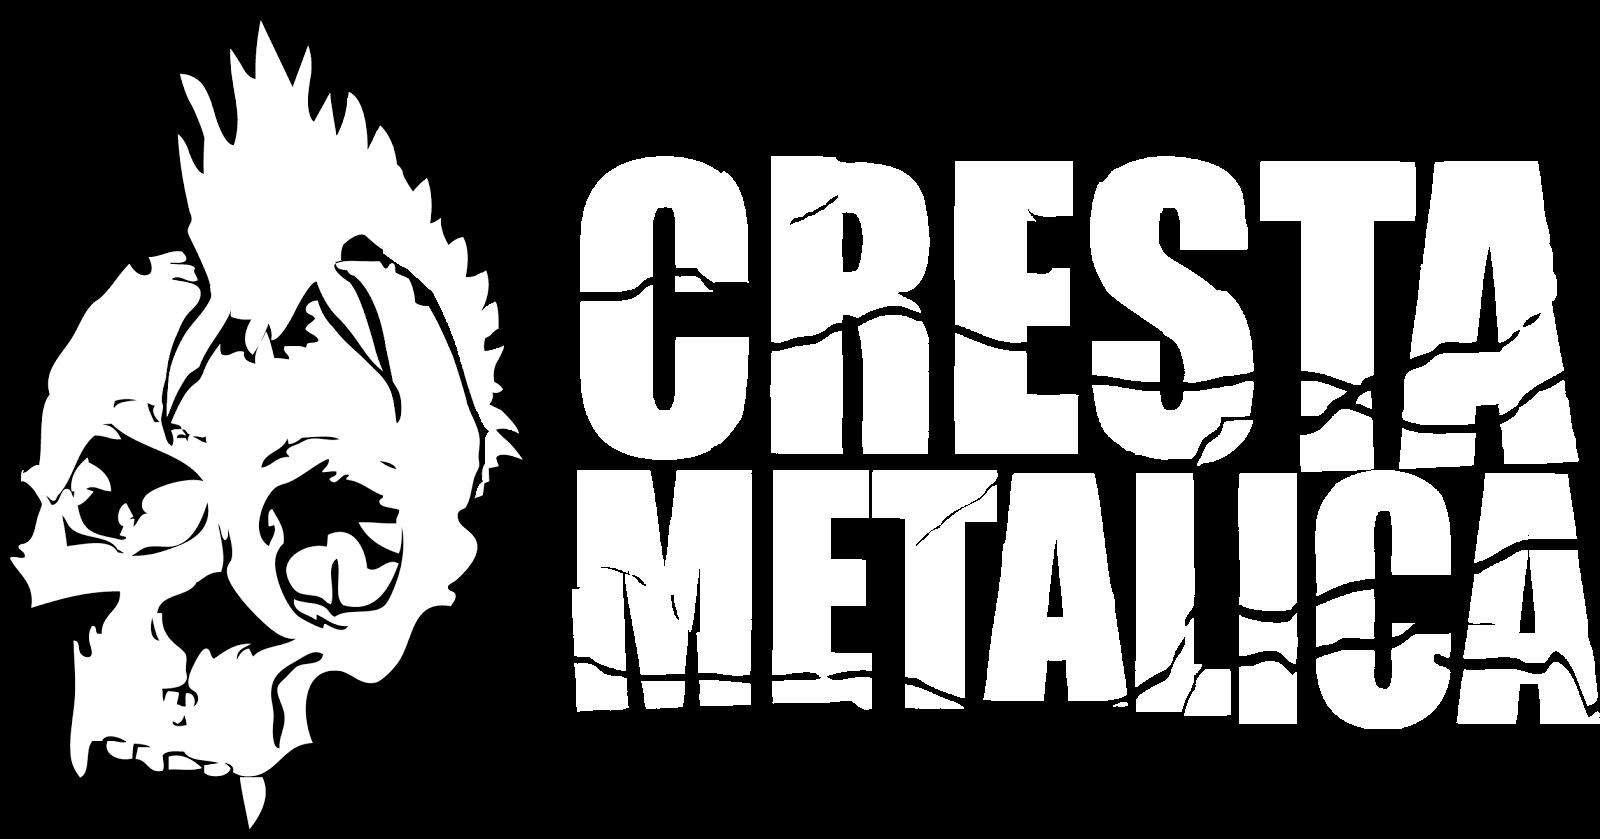 CRESTA METALICA